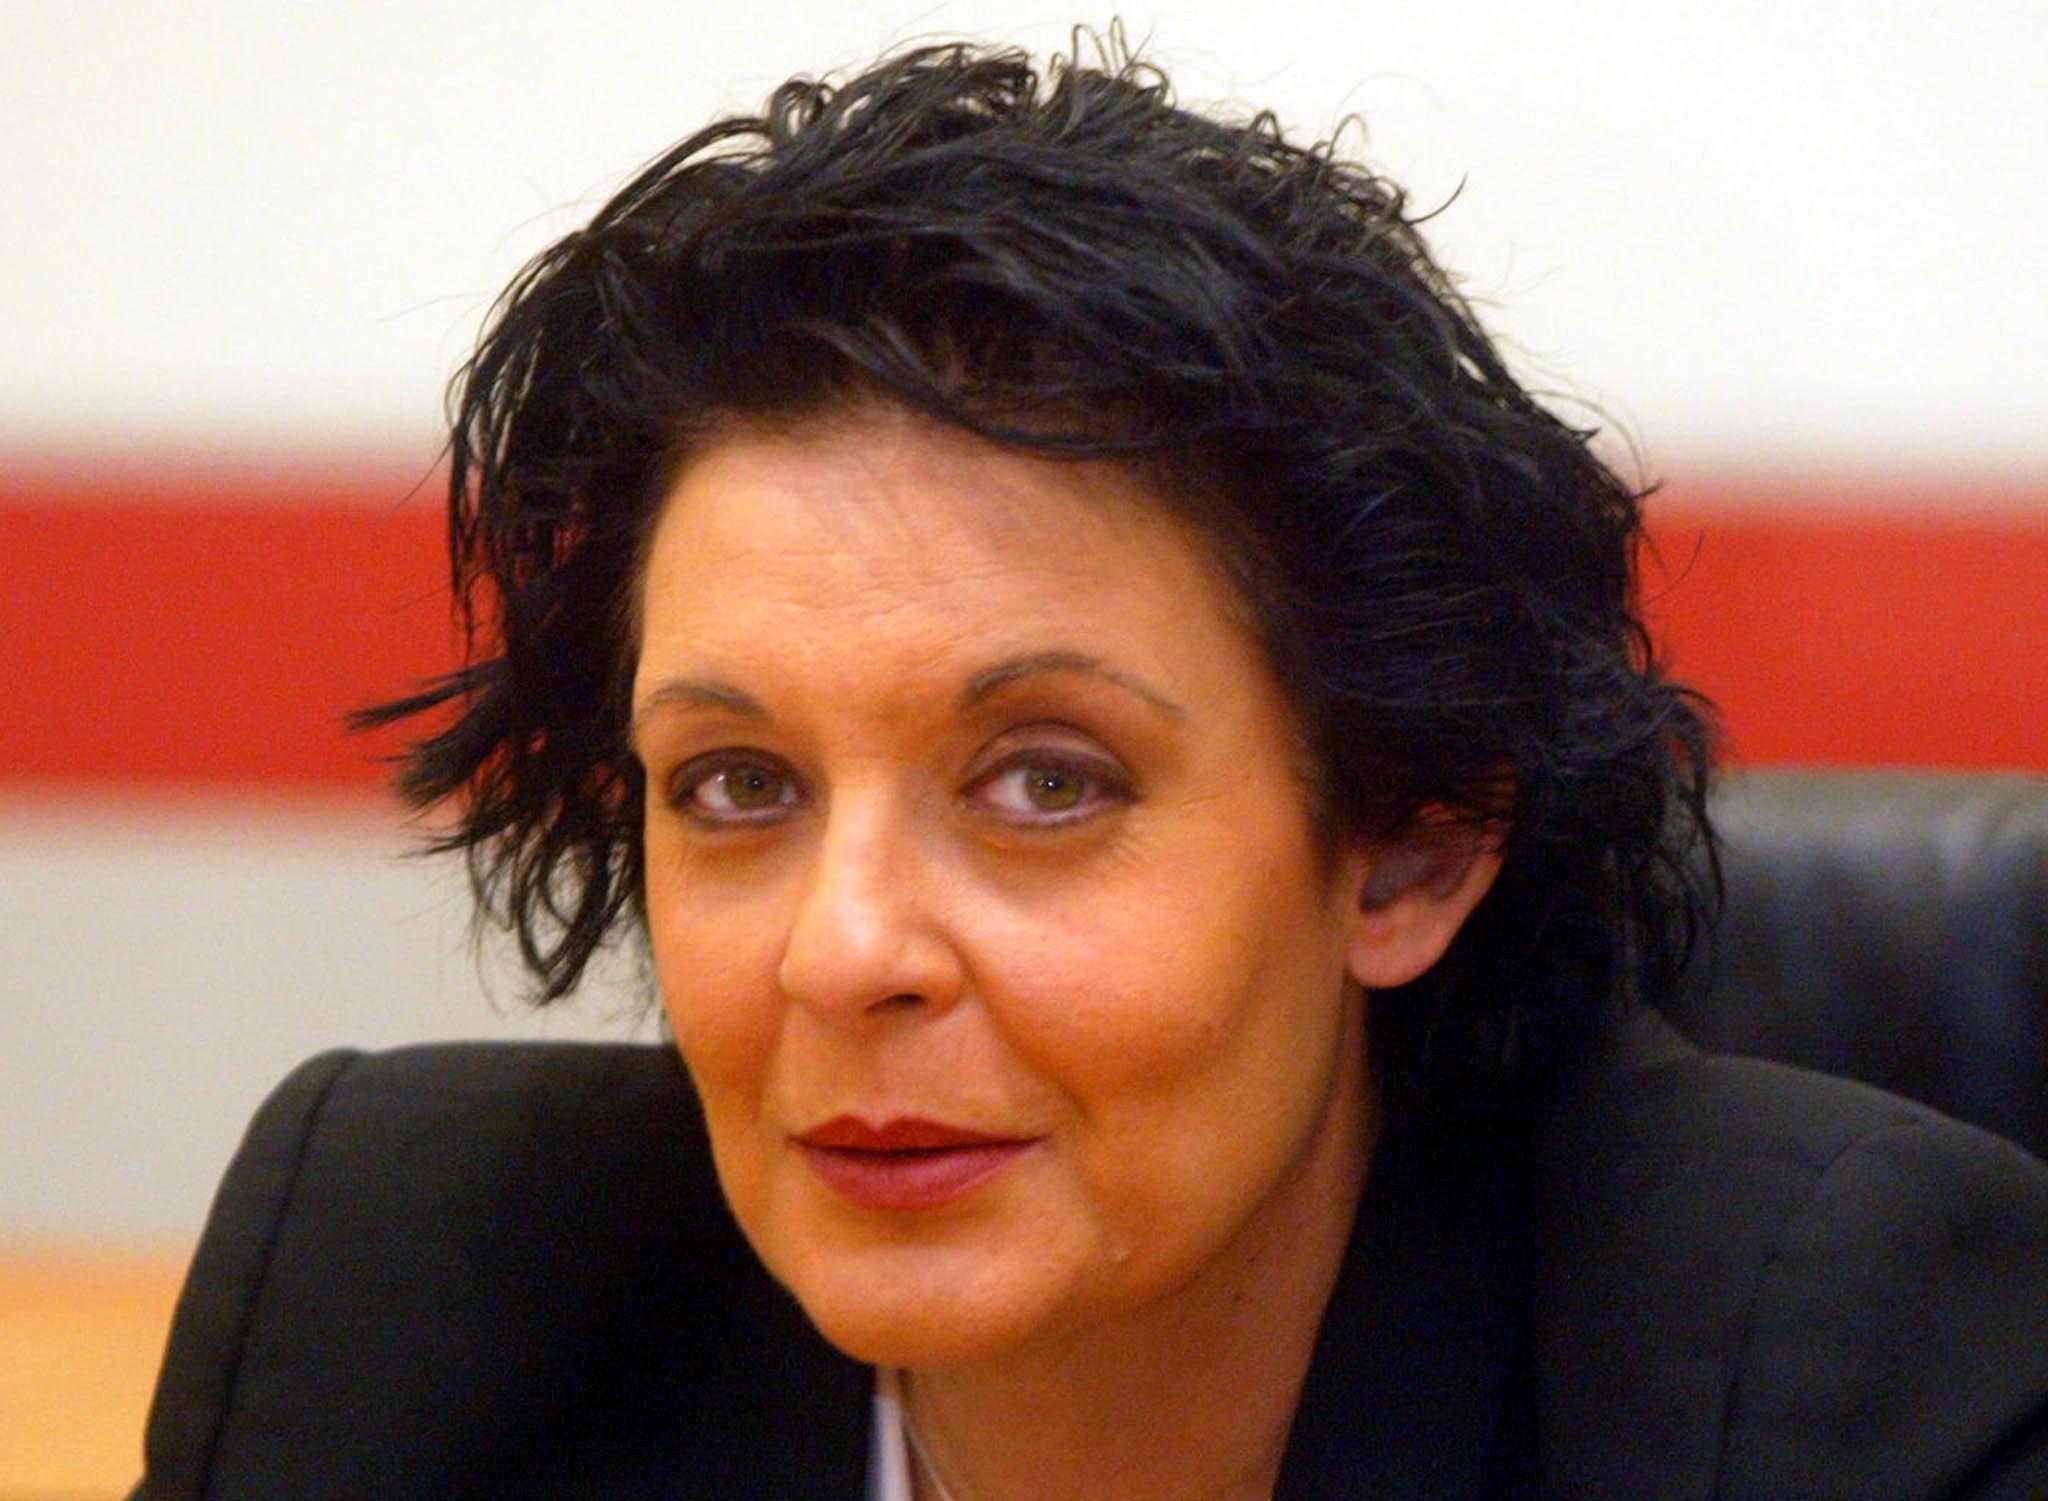 Λιάνα Κανέλλη : Το ναζιστικό παράθυρο